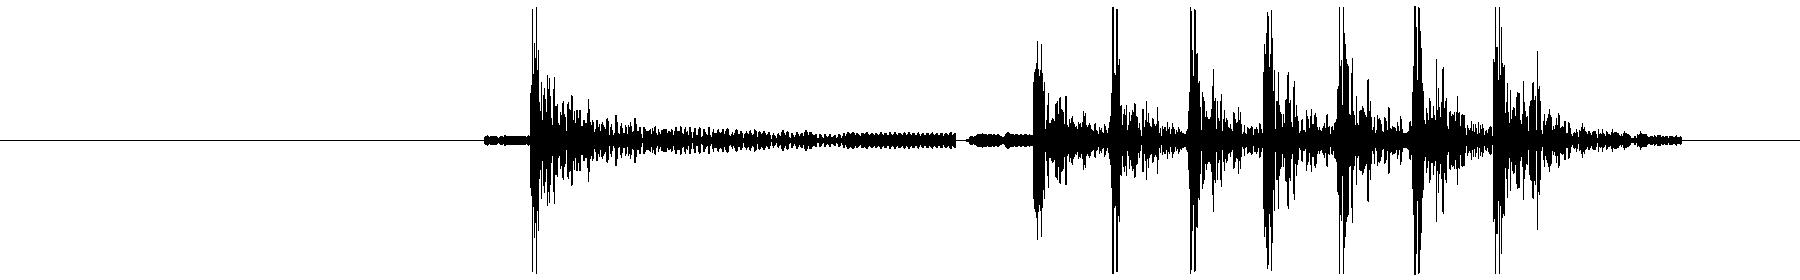 bass drum sound effect